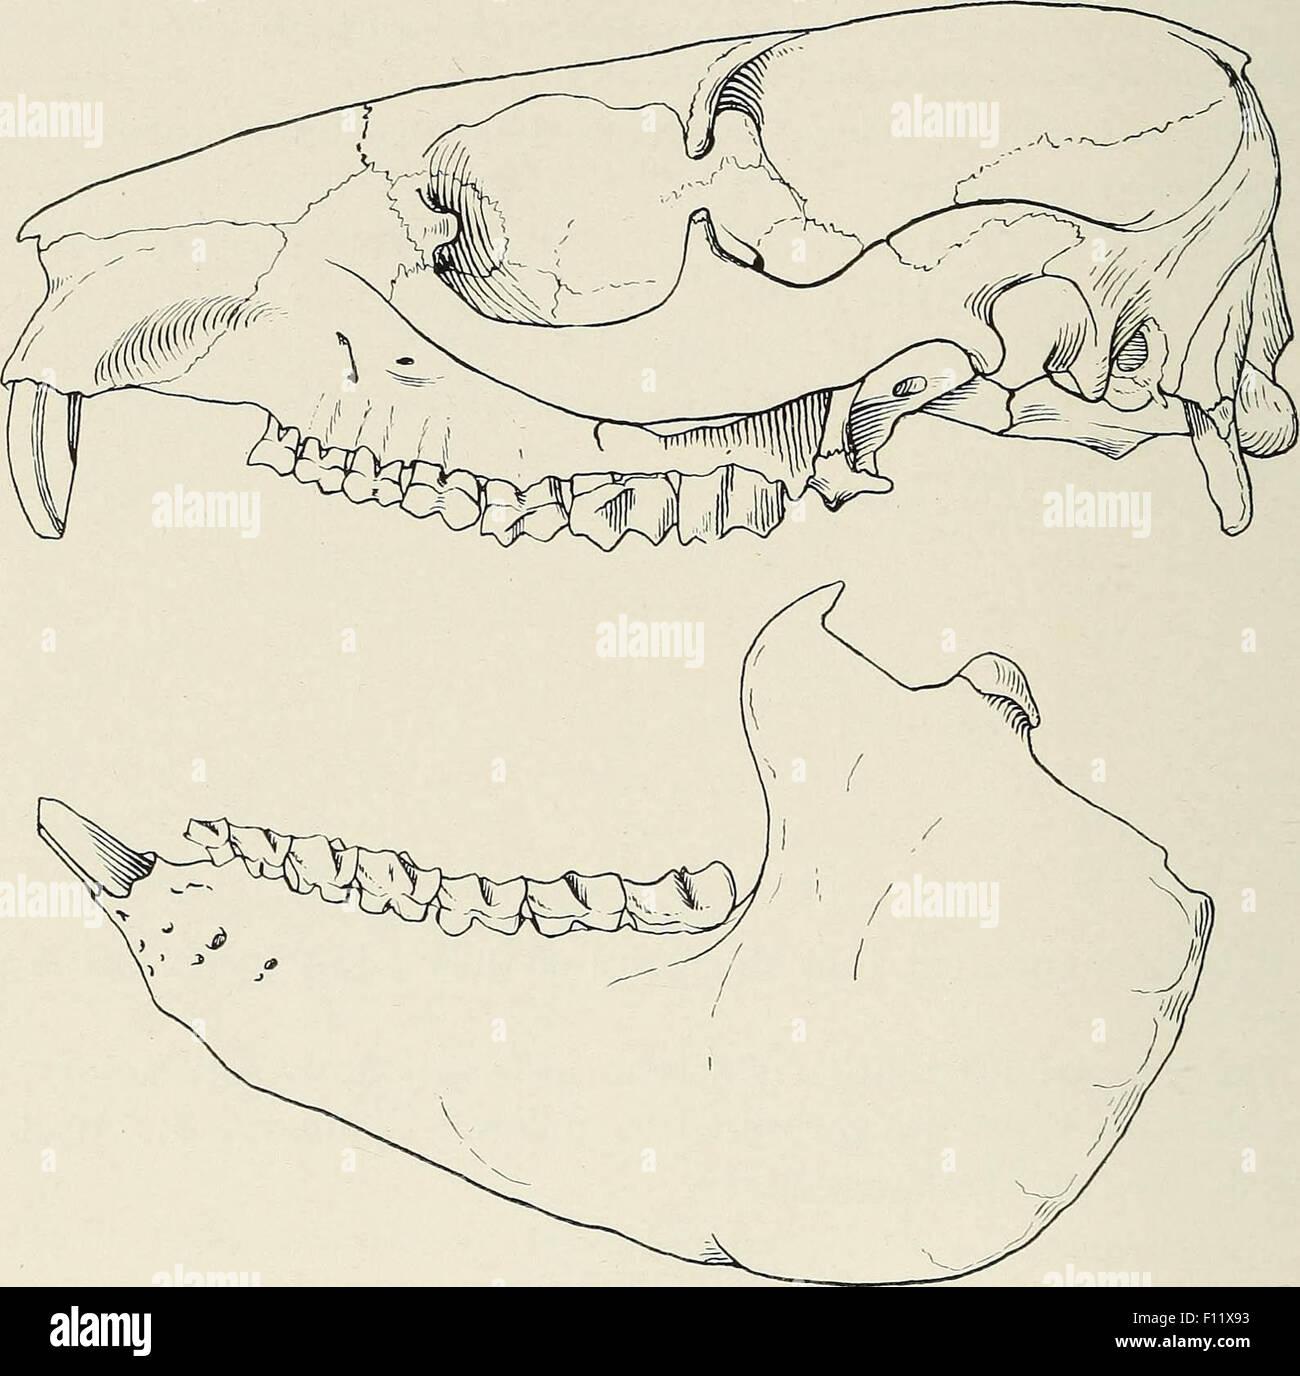 Mammal skull - Stock Image